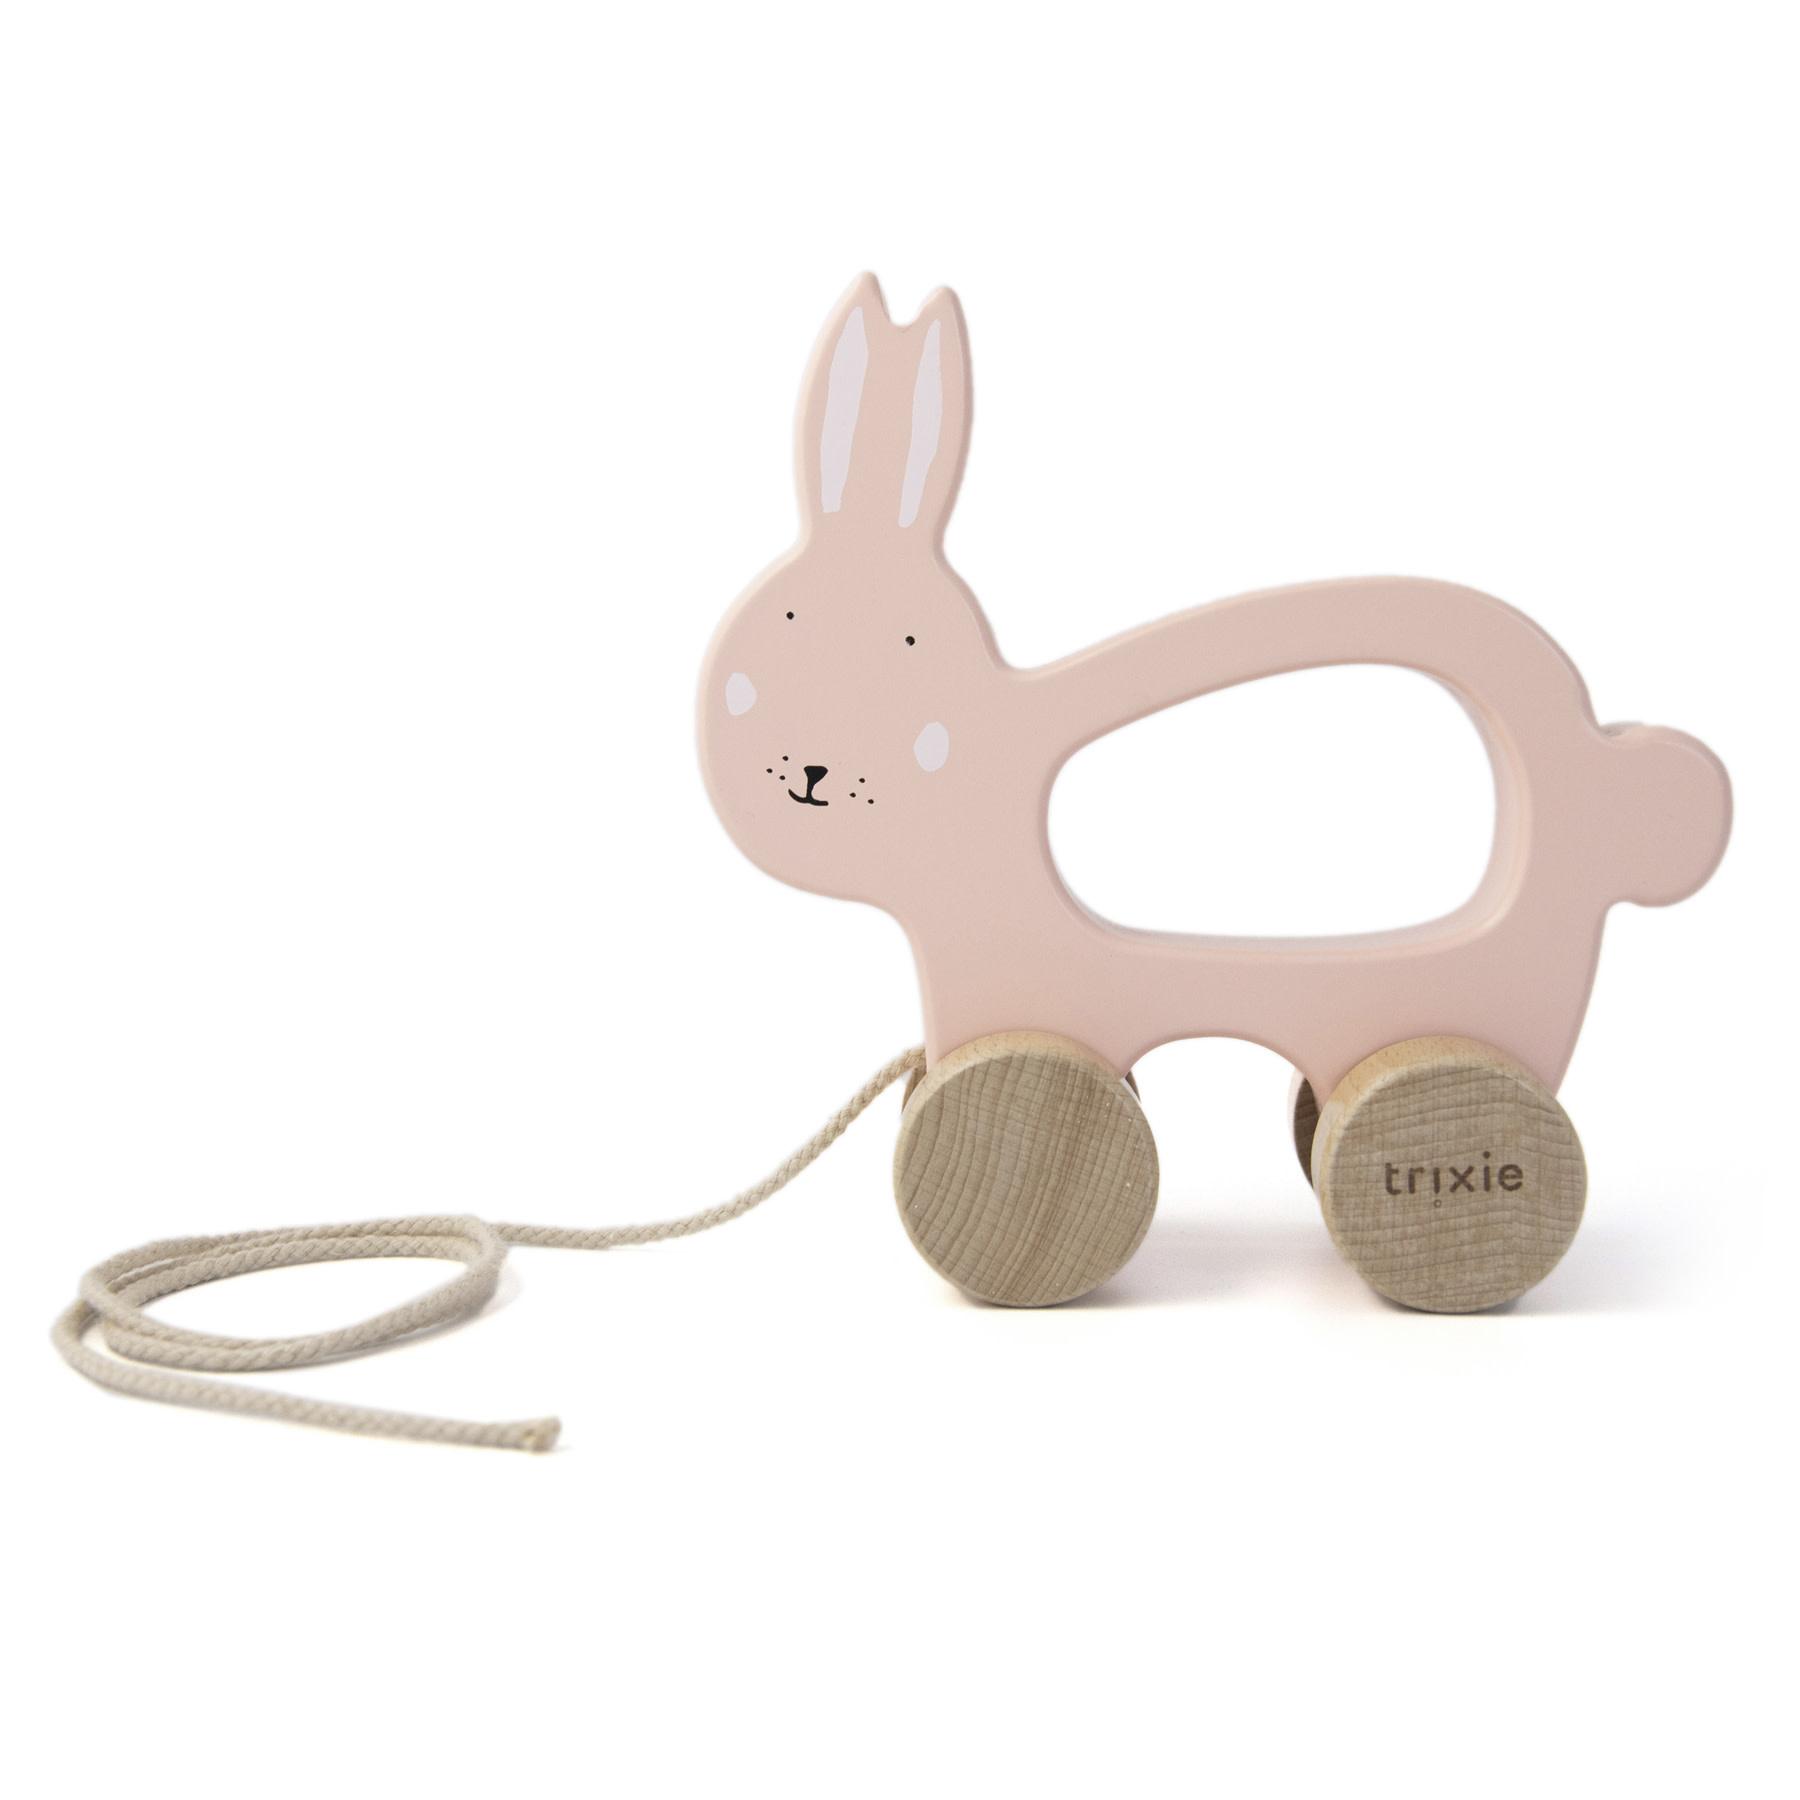 Trixie Houten trekspeeltje – Mrs. Rabbit-1